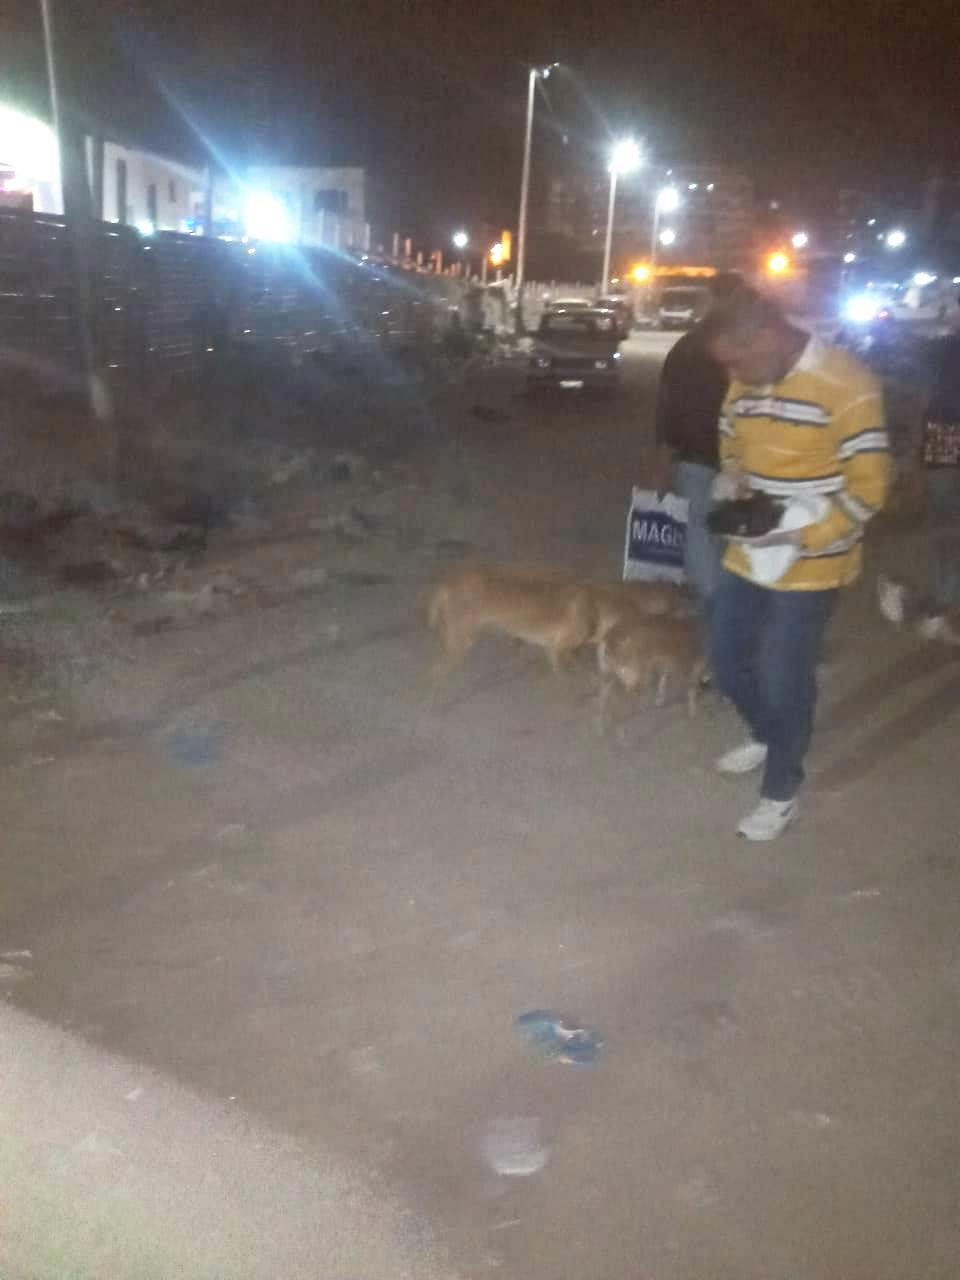 بعد عقر 37 شخصا..حي العجمي يطارد الكلاب الضالة في الإسكندرية  صور